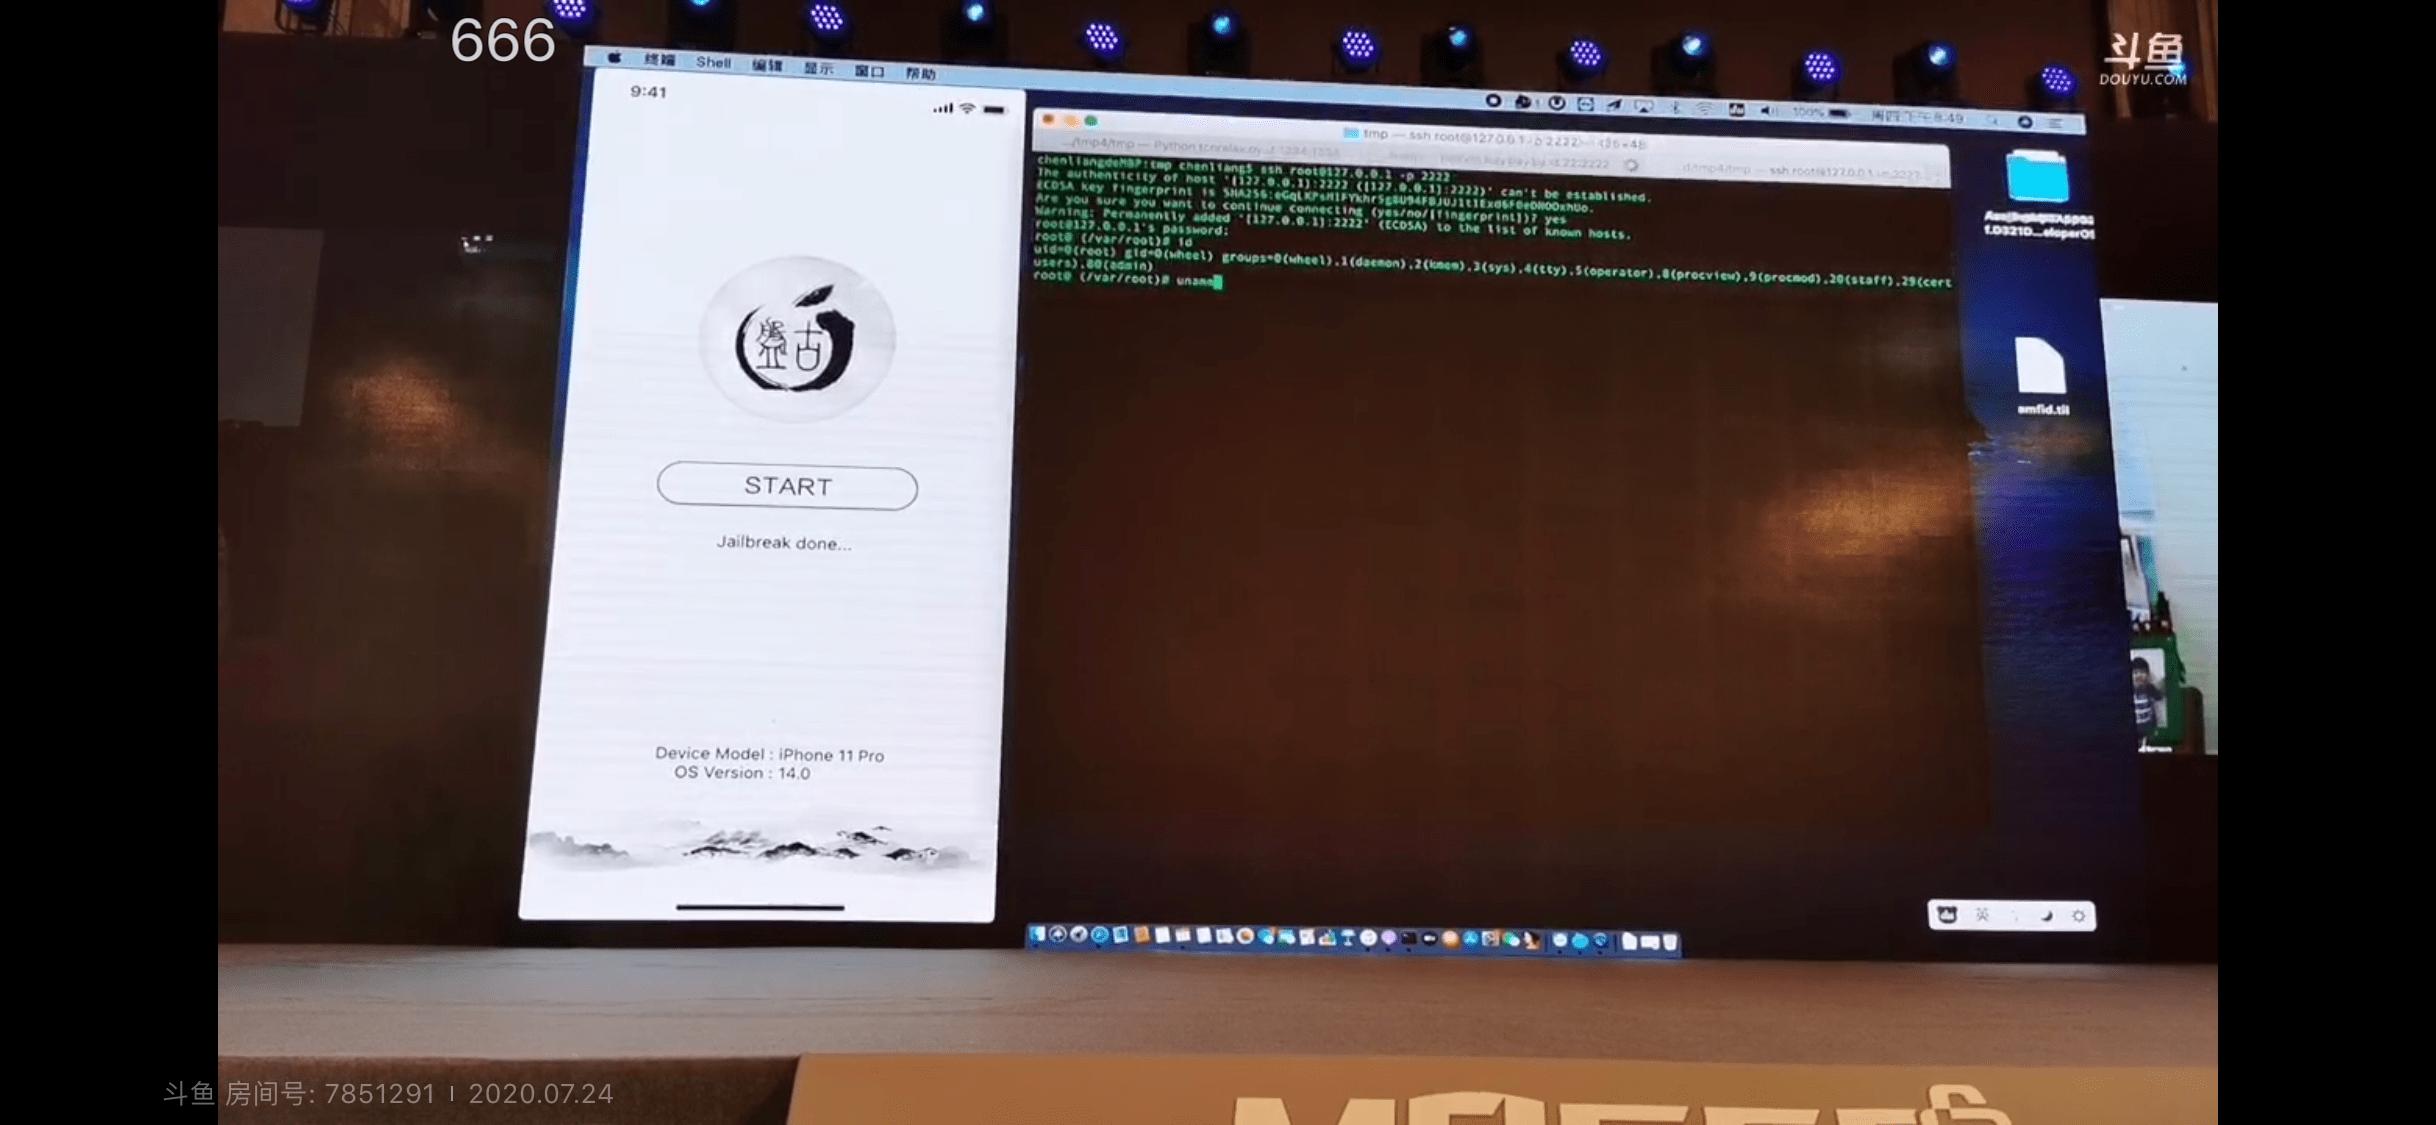 Prezentácie tímu Pangu bežiace na útek z väzenia iOS 14 na Mosec 2020 1